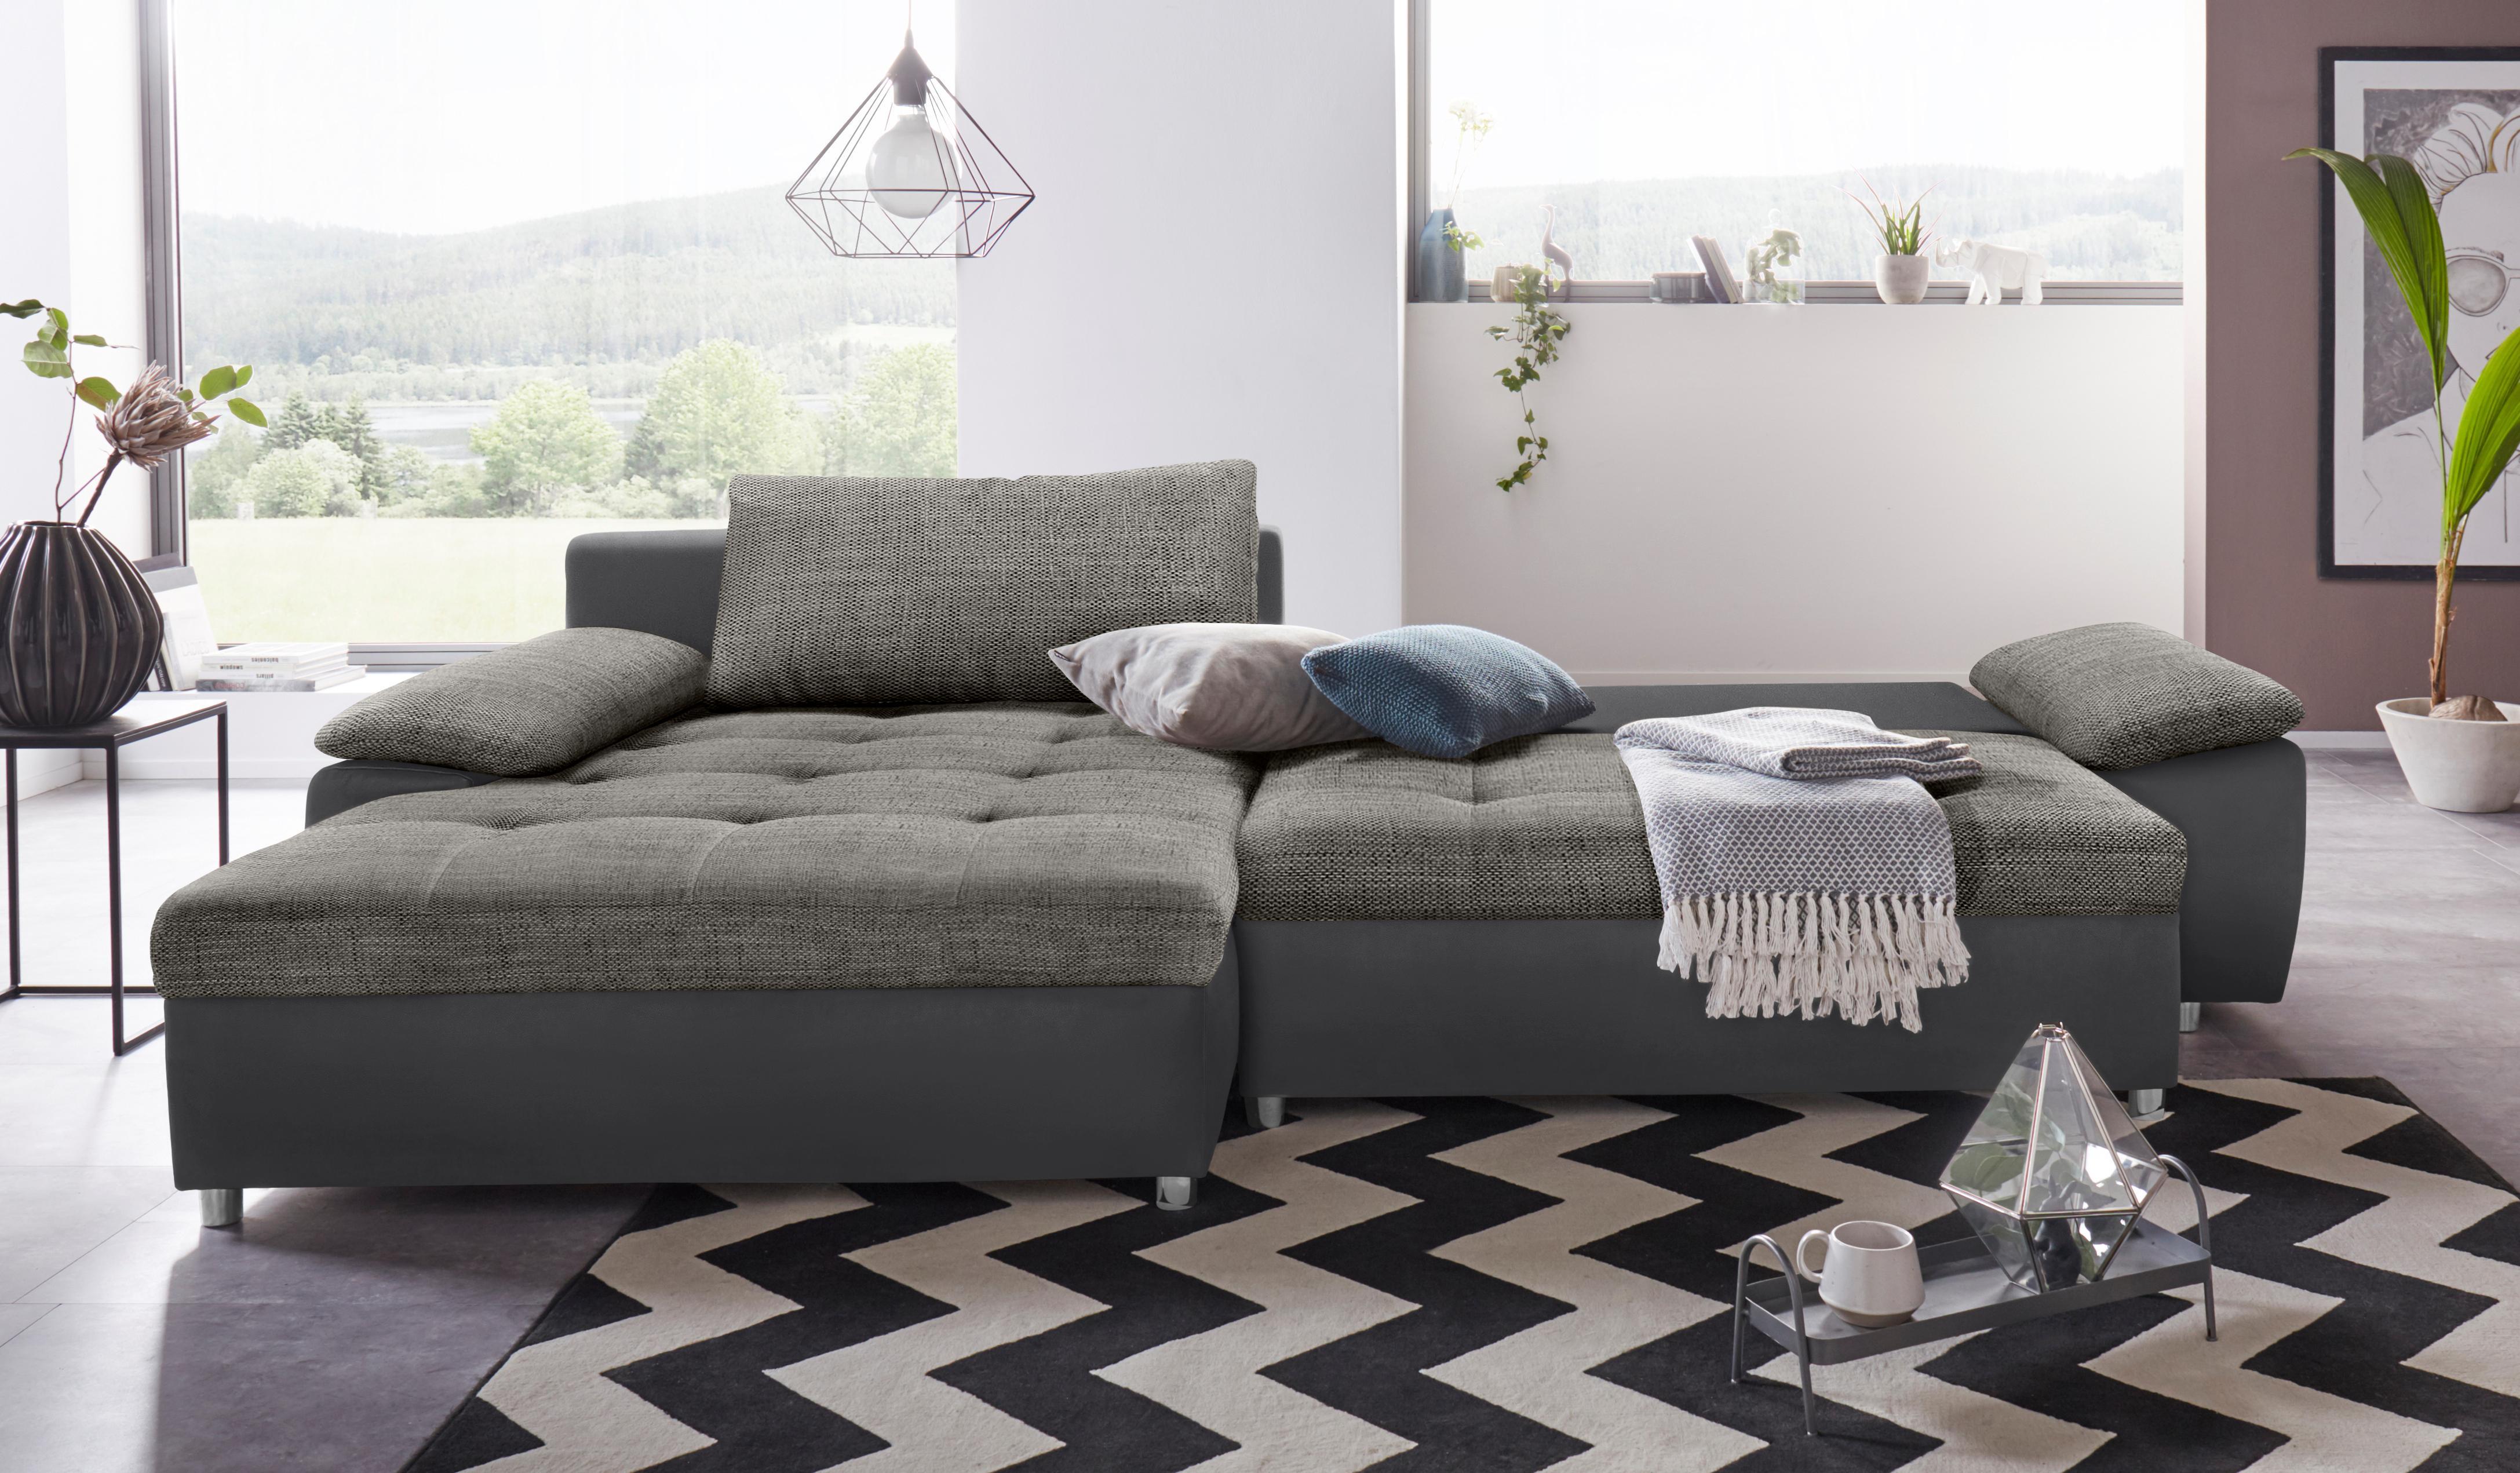 sit&more Ecksofa Labene | Wohnzimmer > Sofas & Couches > Ecksofas & Eckcouches | Grau | Kunstleder | Sit&More